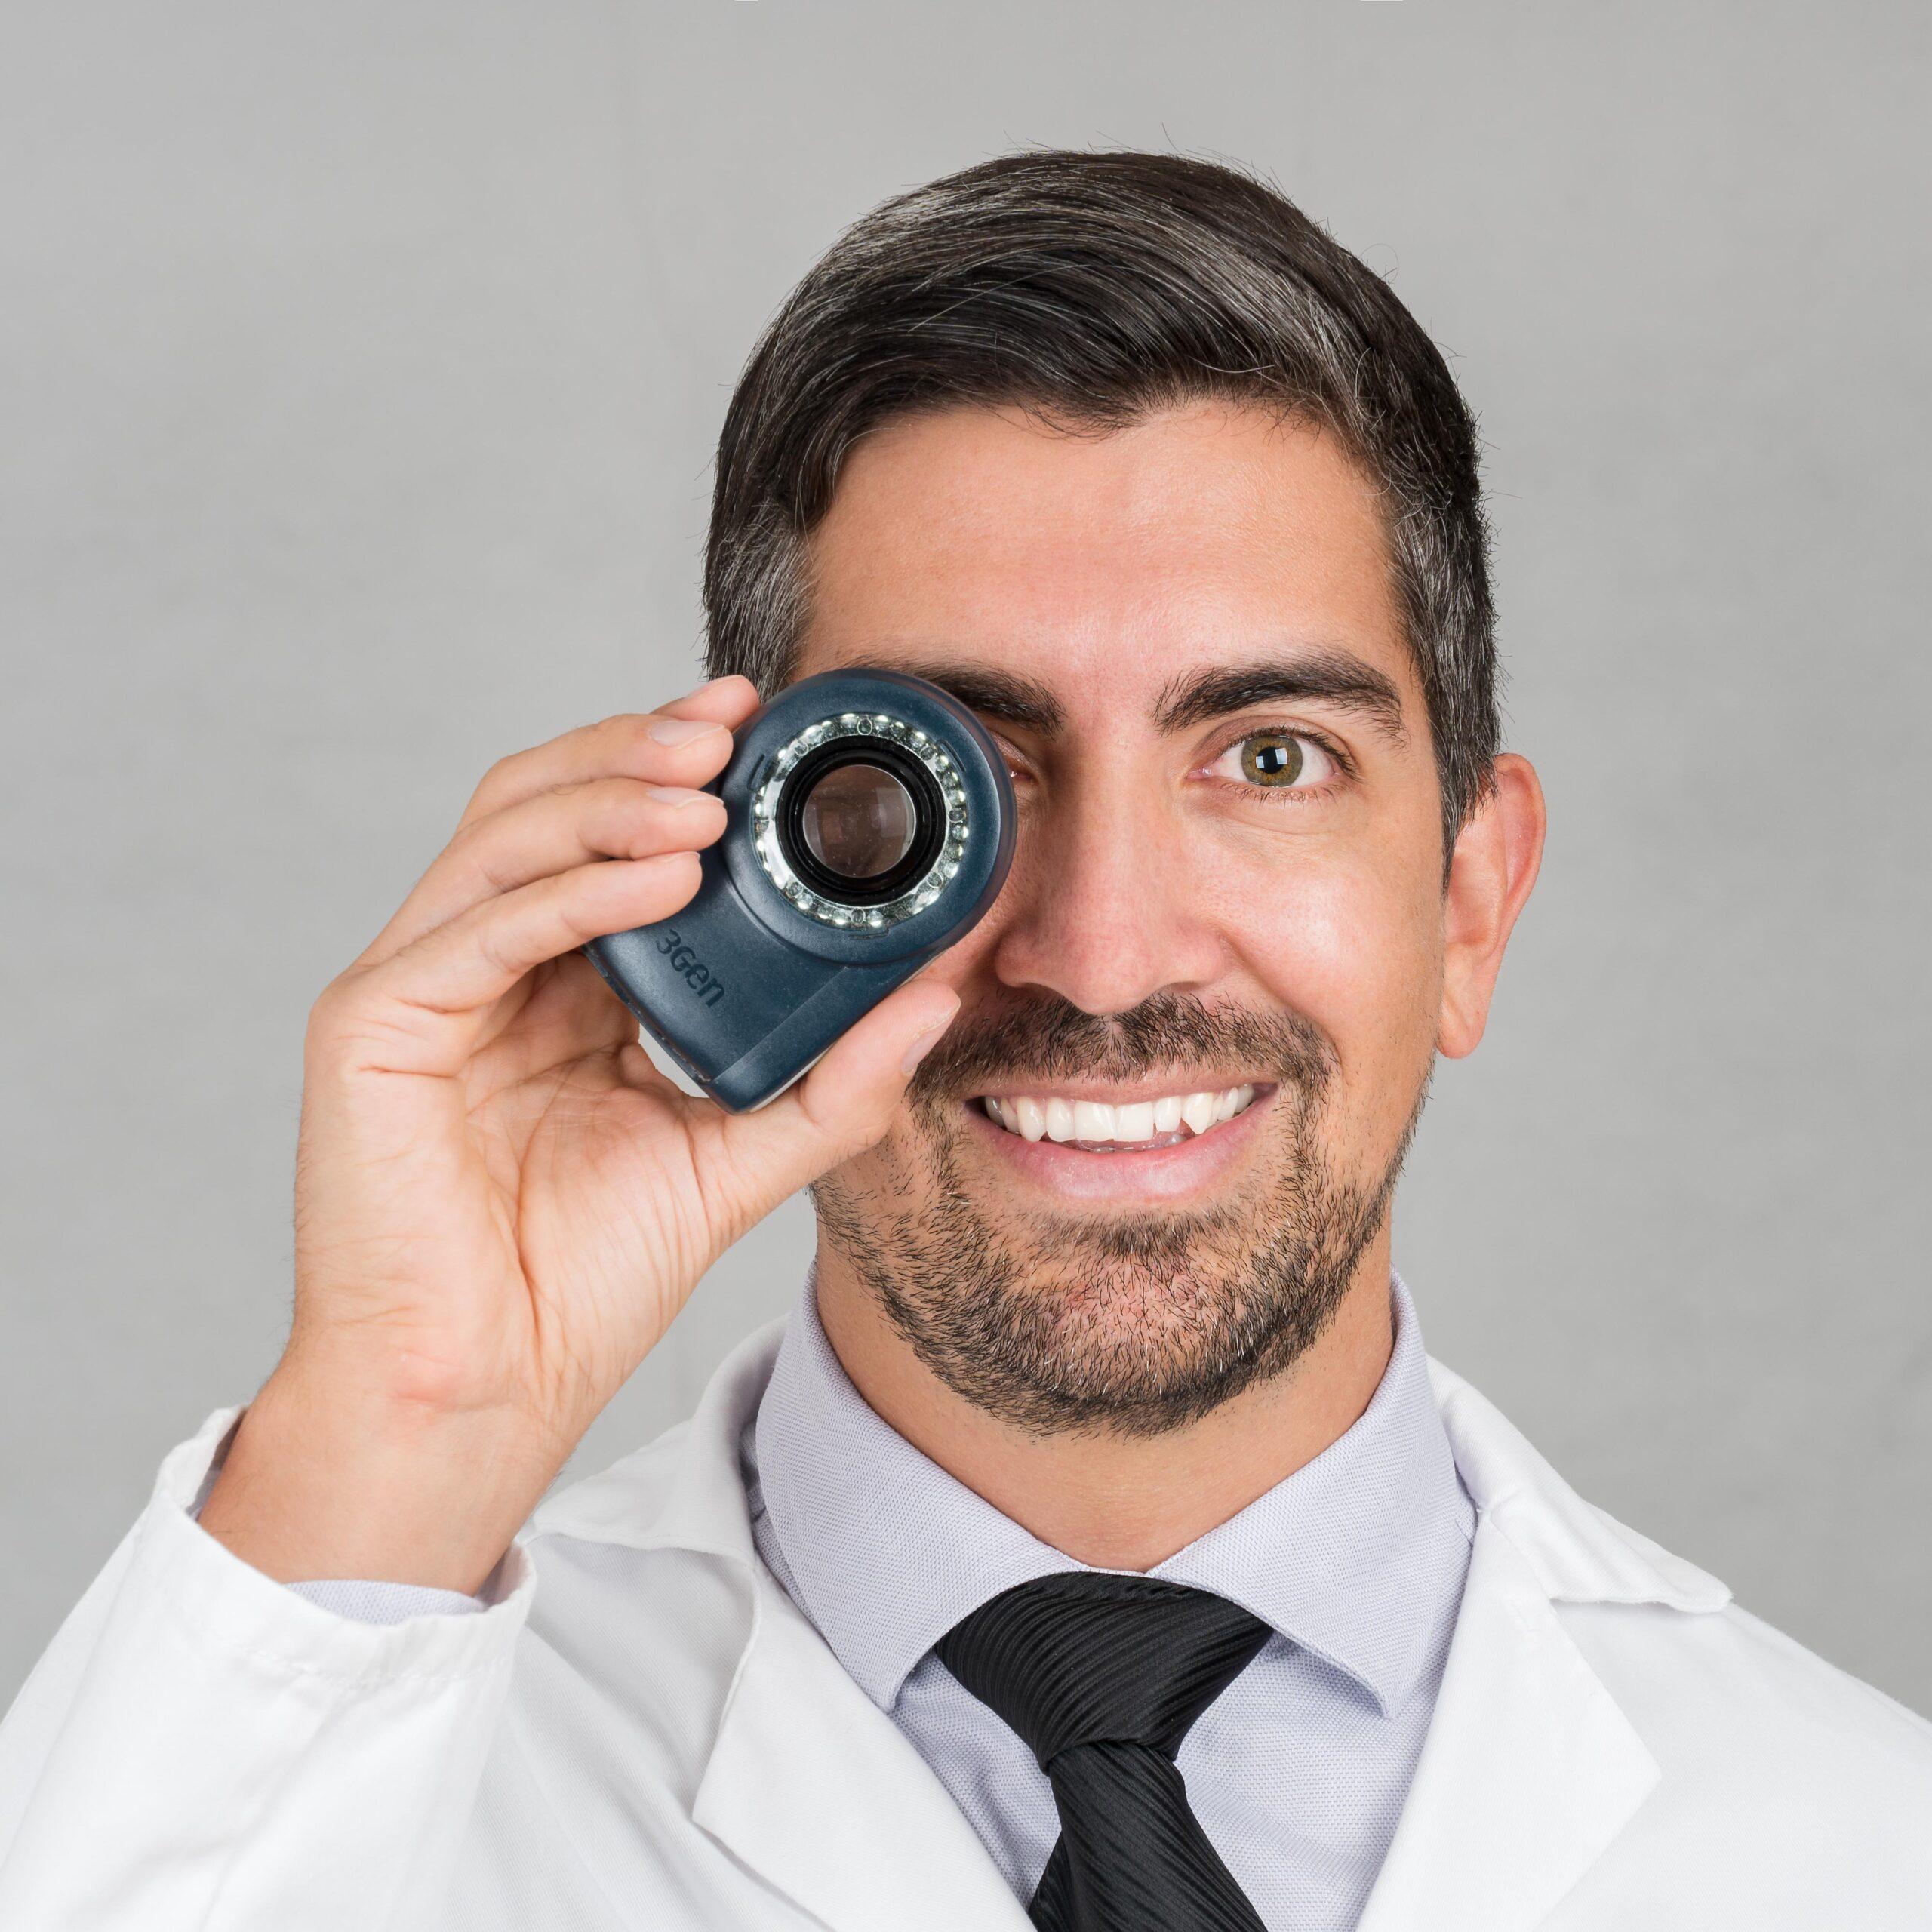 Dr. Sebastian Podlipnik sujetando un dermatoscopio